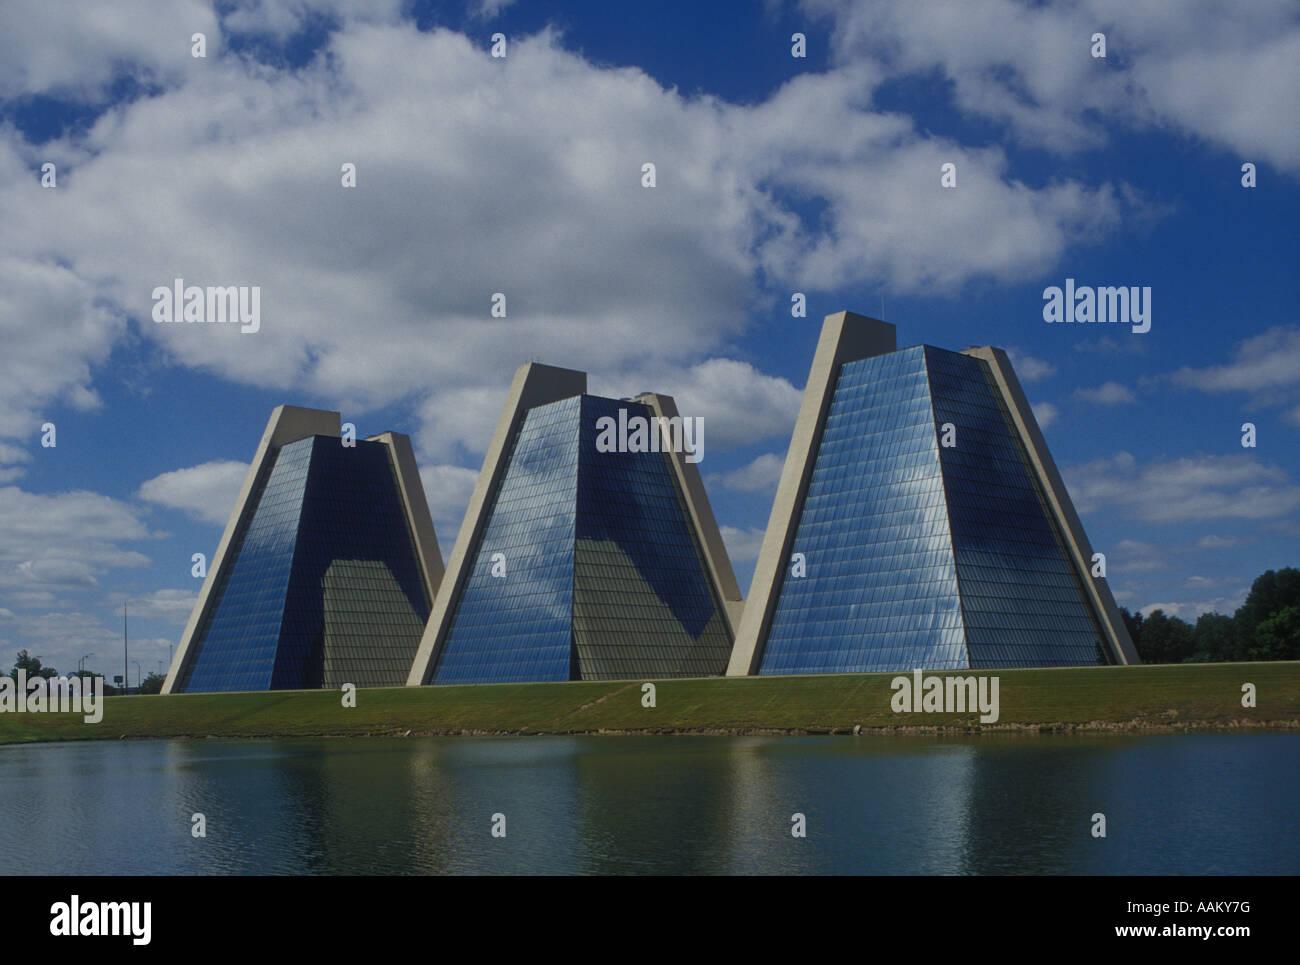 Pyramides À COLLEGE PARK ÉDIFICES DANS INDIANAPOLIS Photo Stock